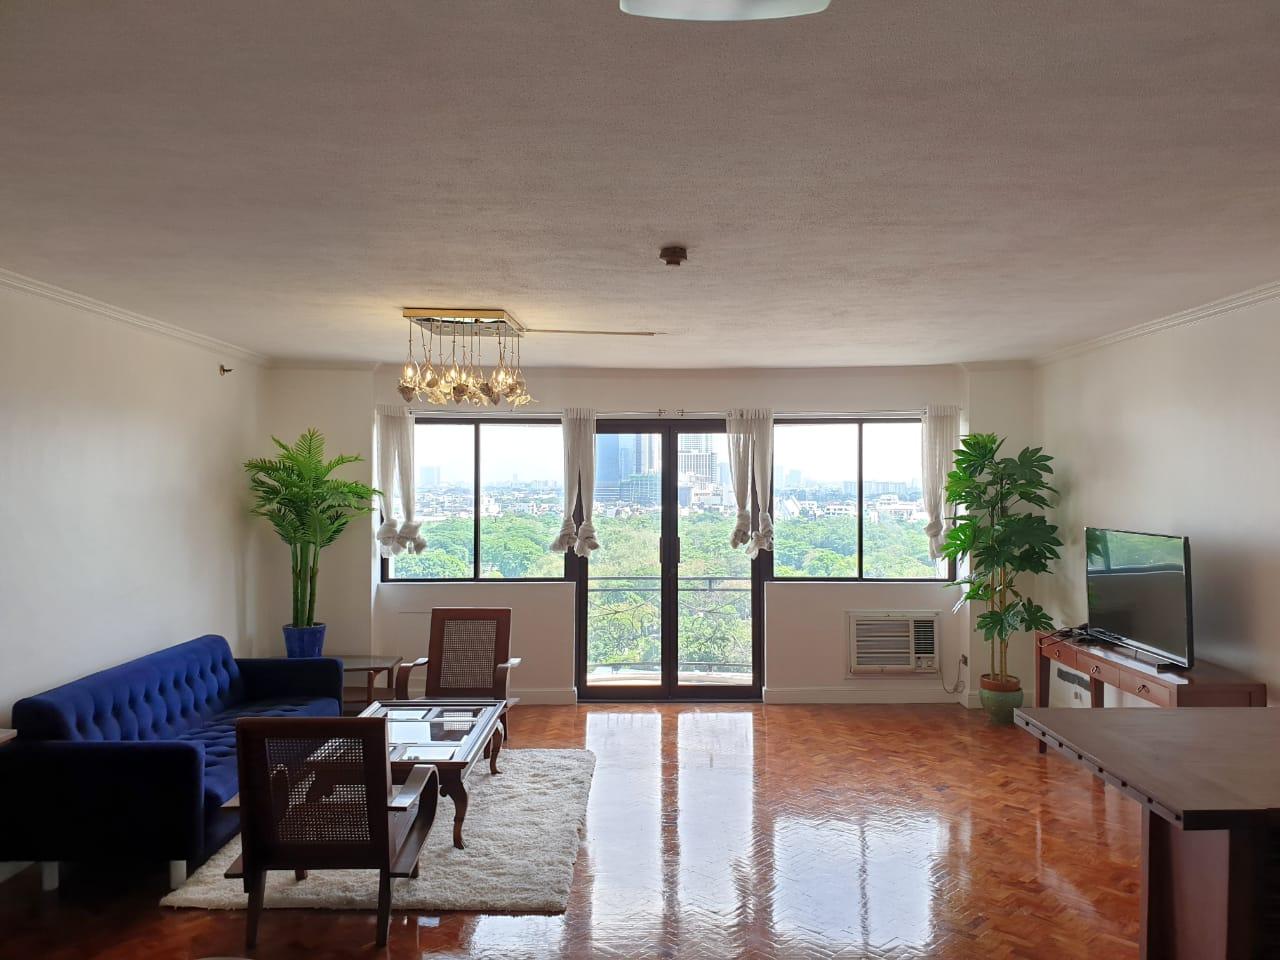 3BR Condo For Sale, Le Metropole Condominium, Makati City 2